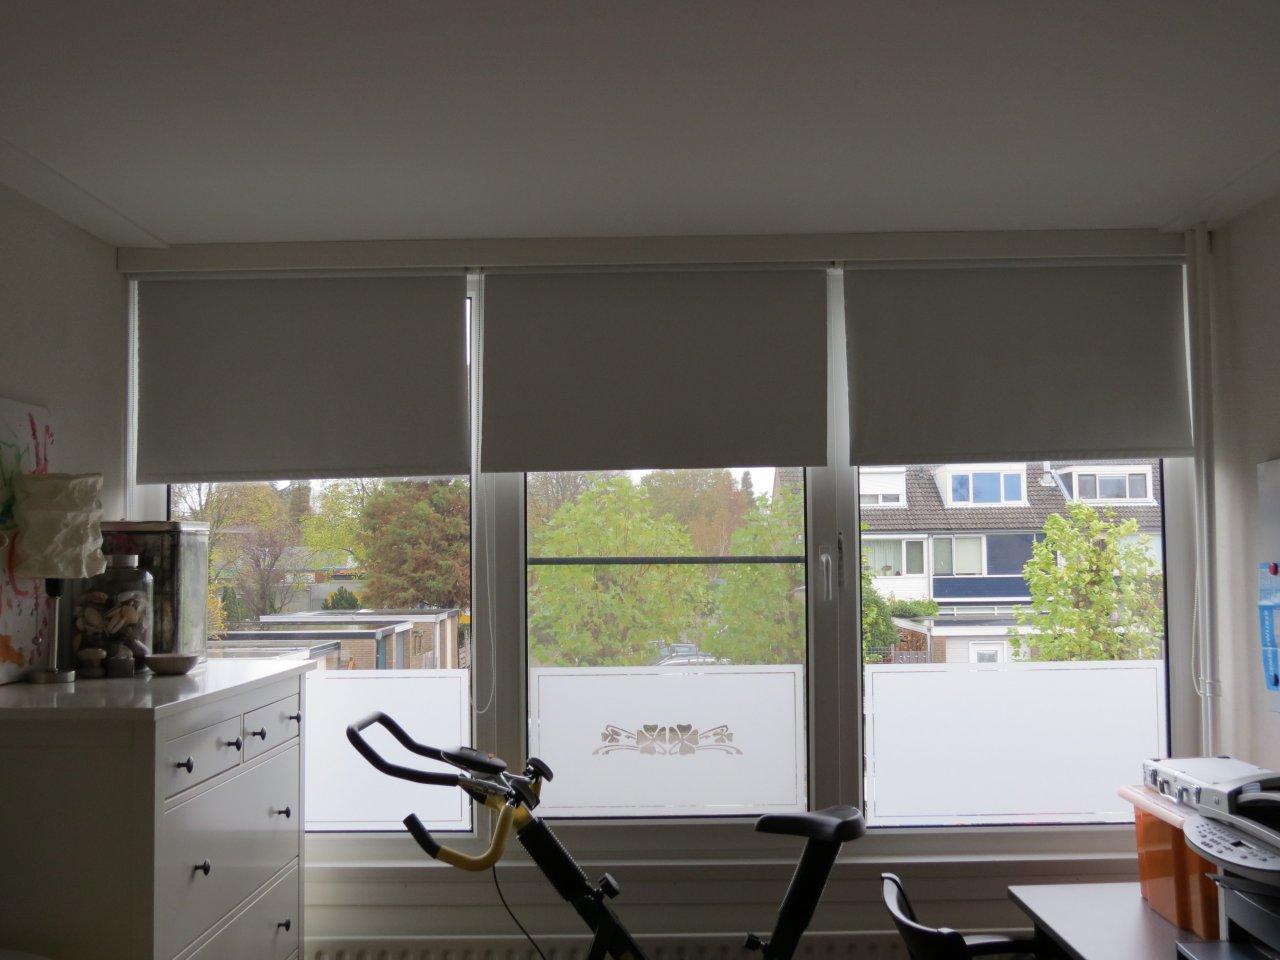 Badkamer zelf ontwerpen: raamstickers, raamfolie en raamteksten ...